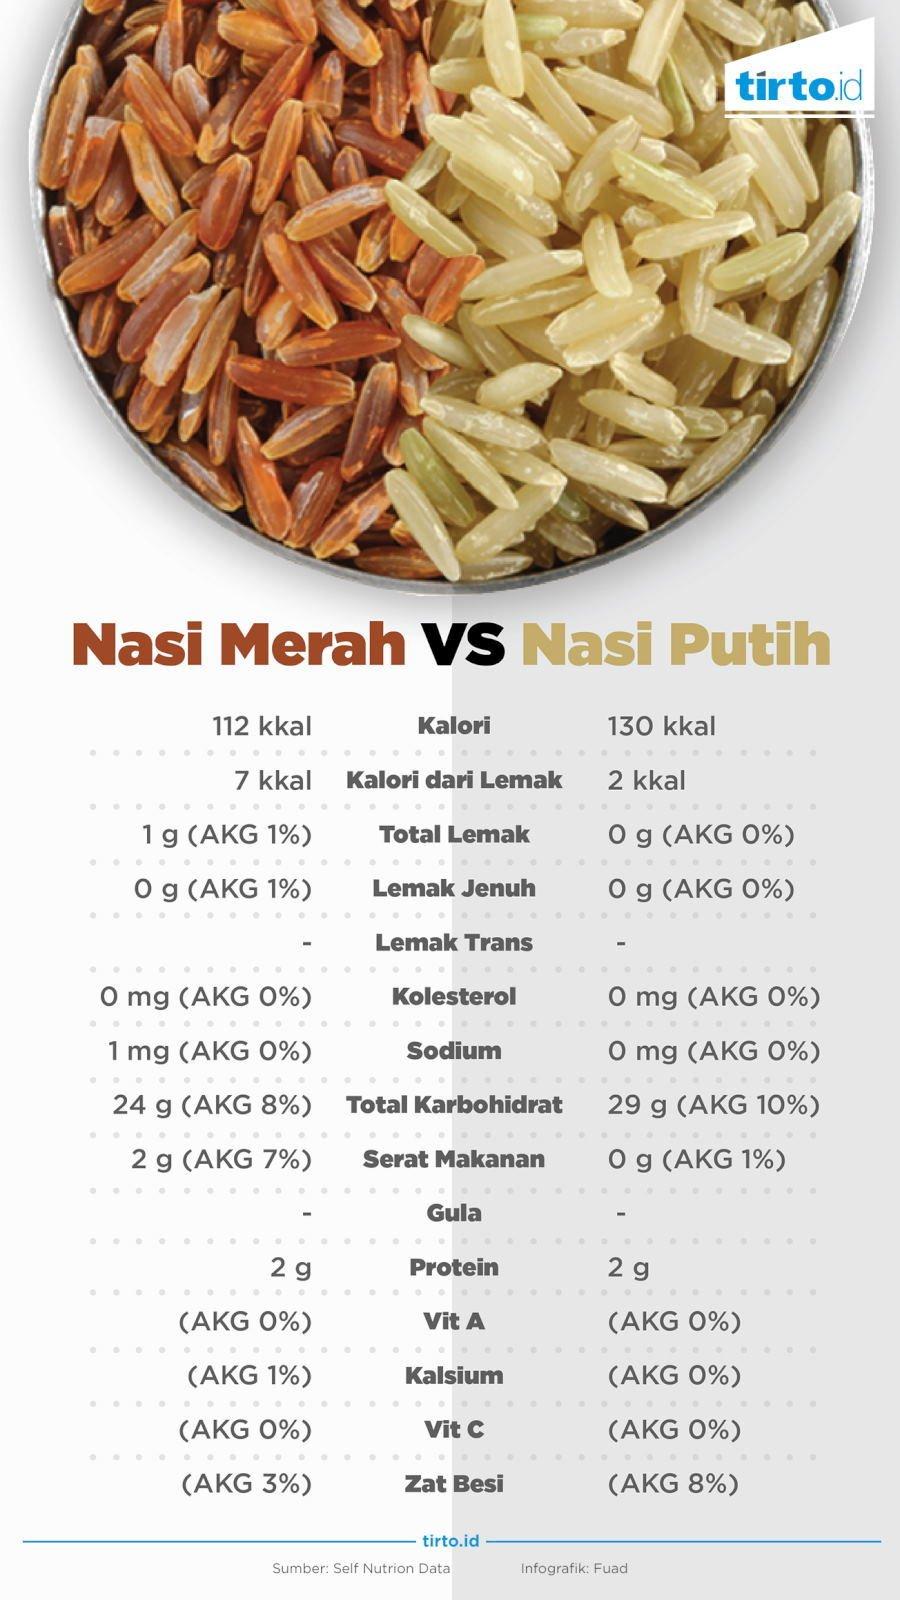 16+ Jumlah kalori dalam nasi merah trends